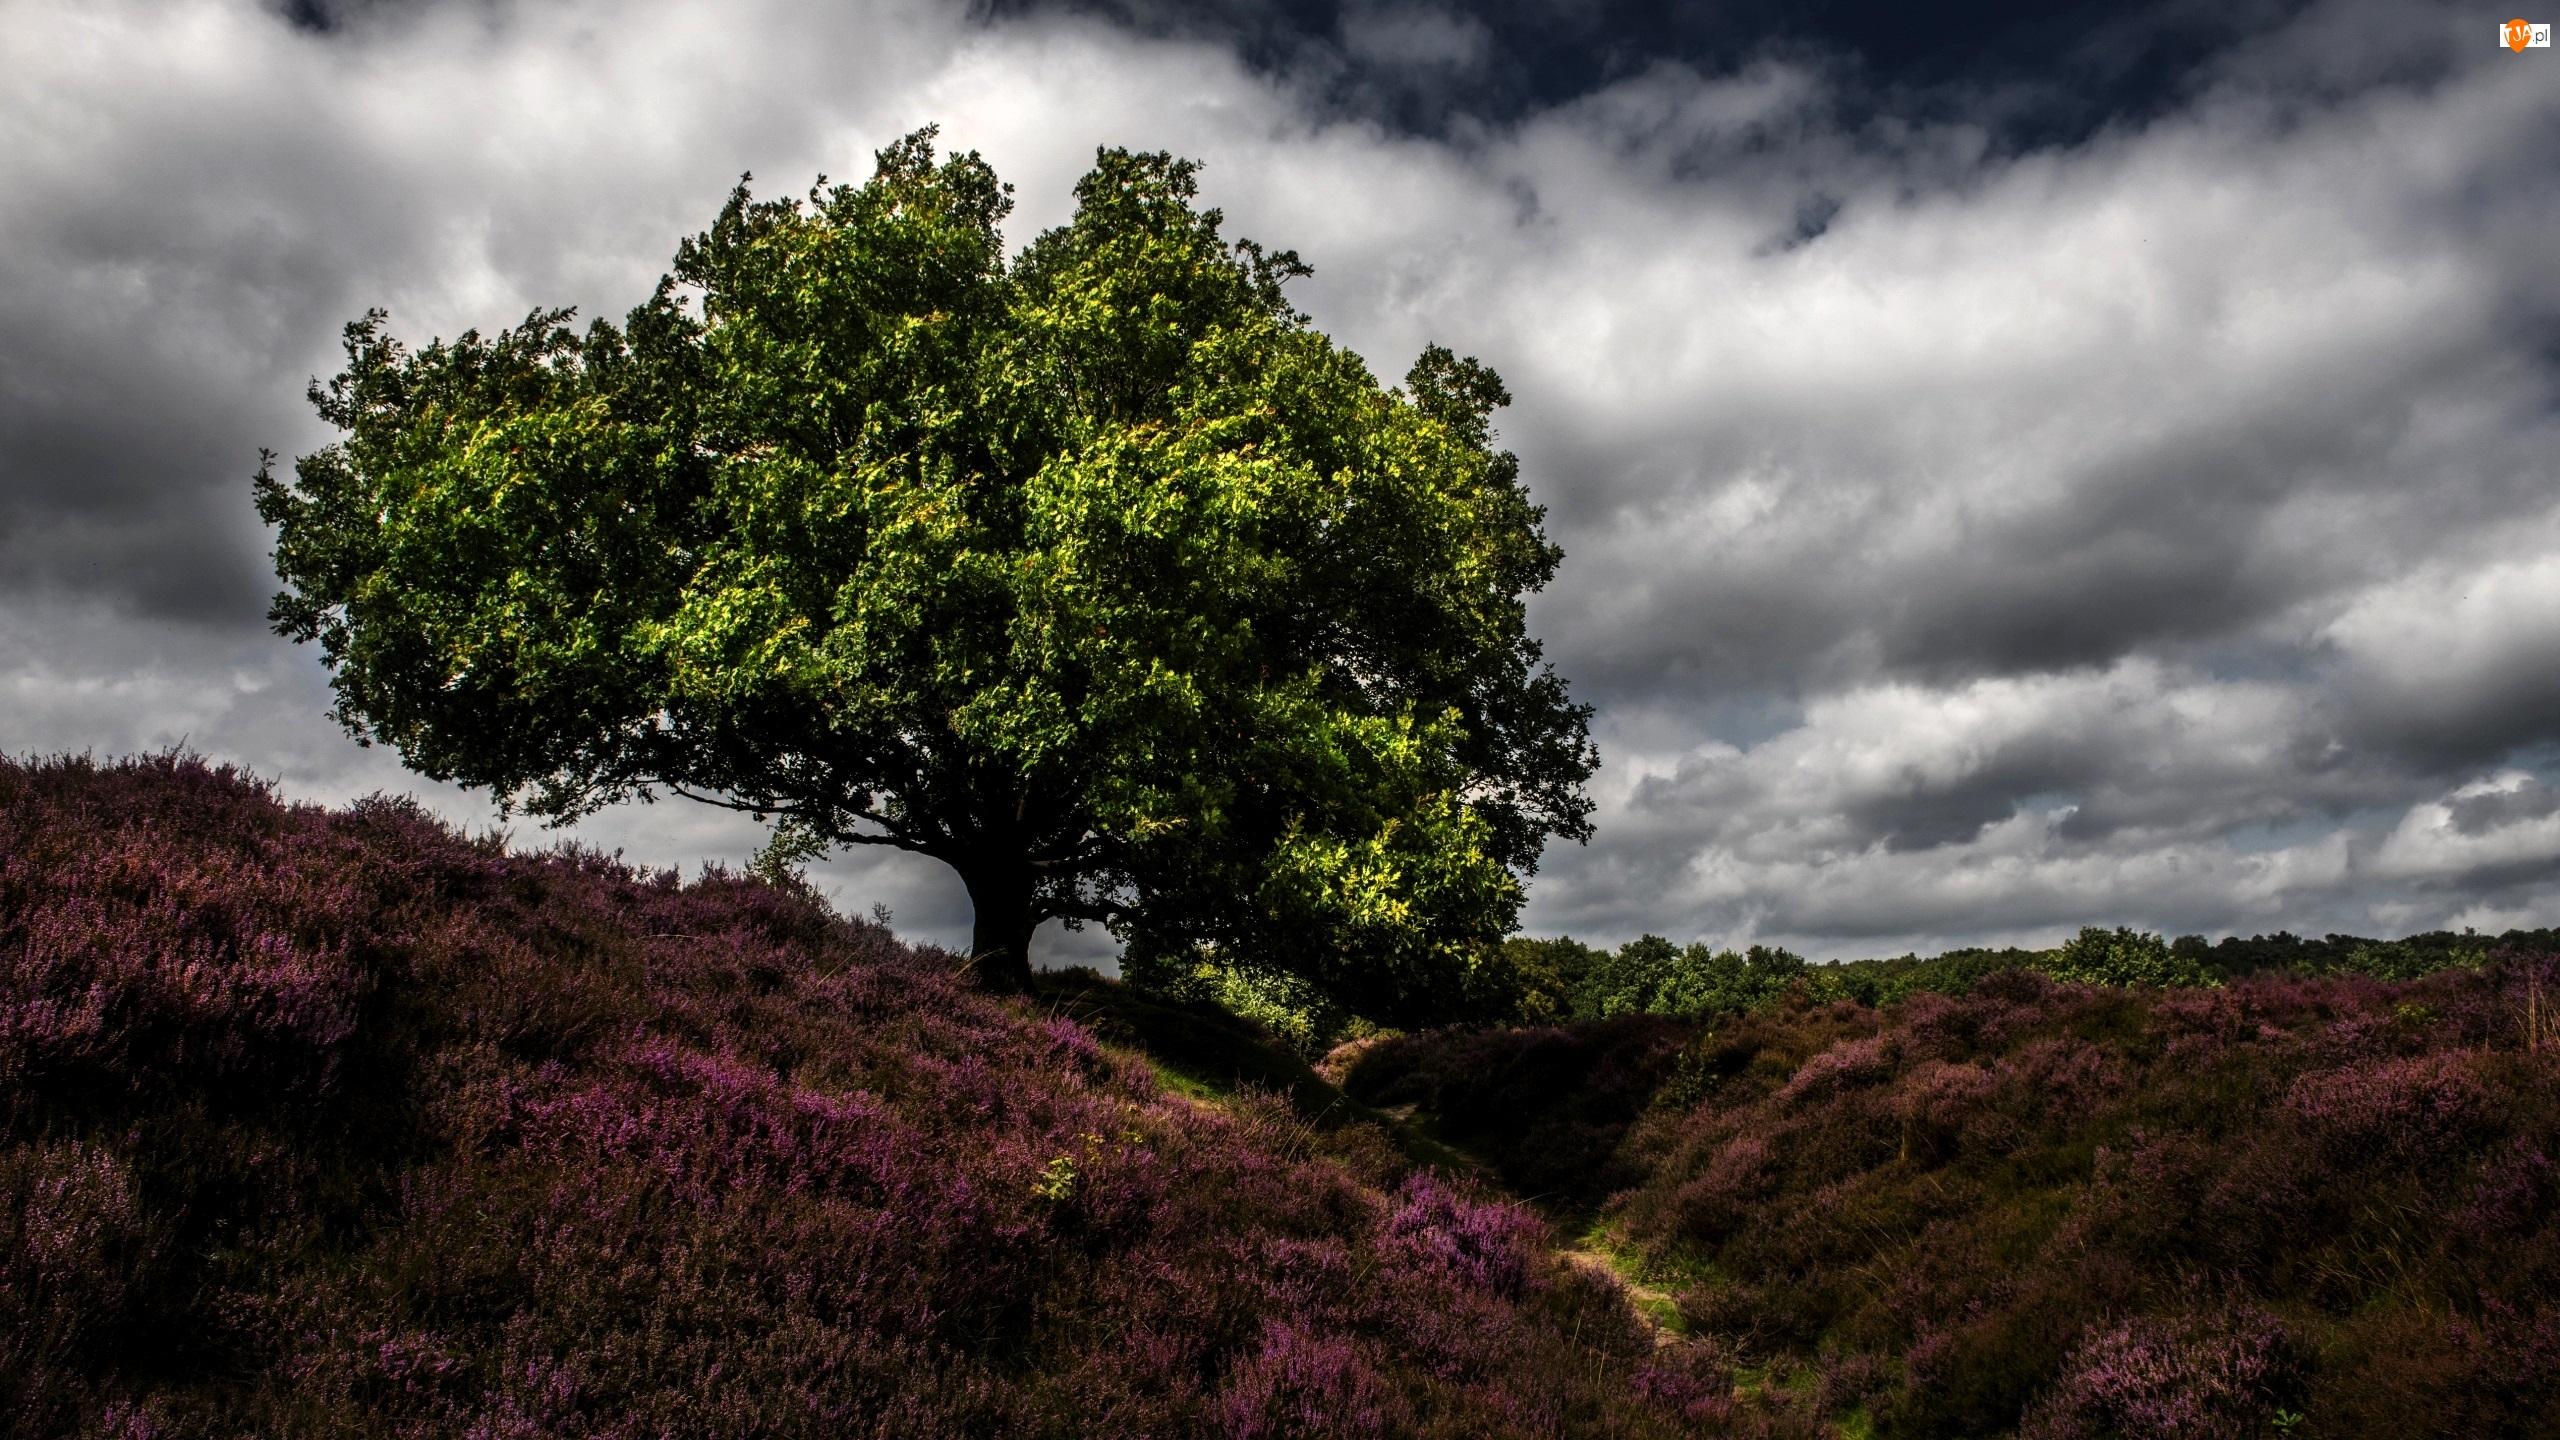 Chmury, Wrzos, Drzewo, Pole